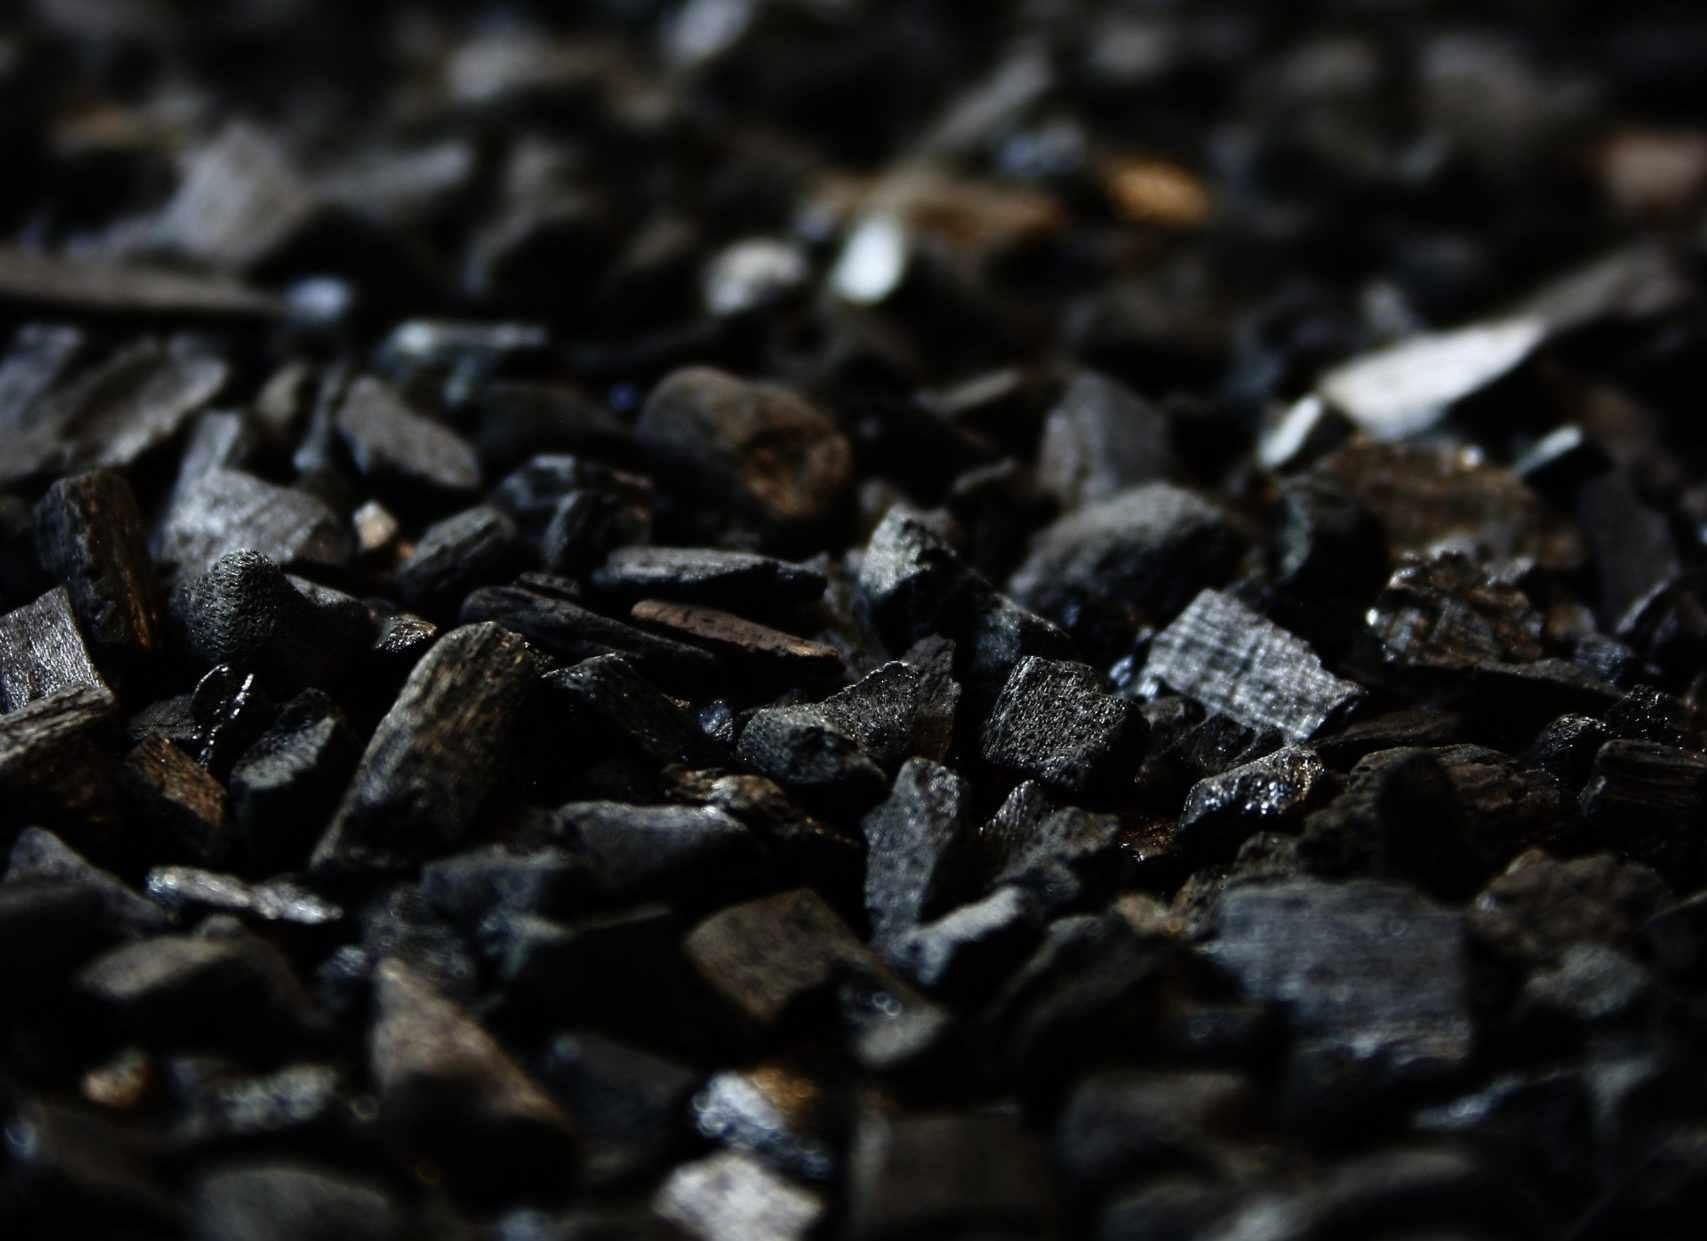 В Новороссийске пытаются сбить угольную пыль, которая летит при погрузке